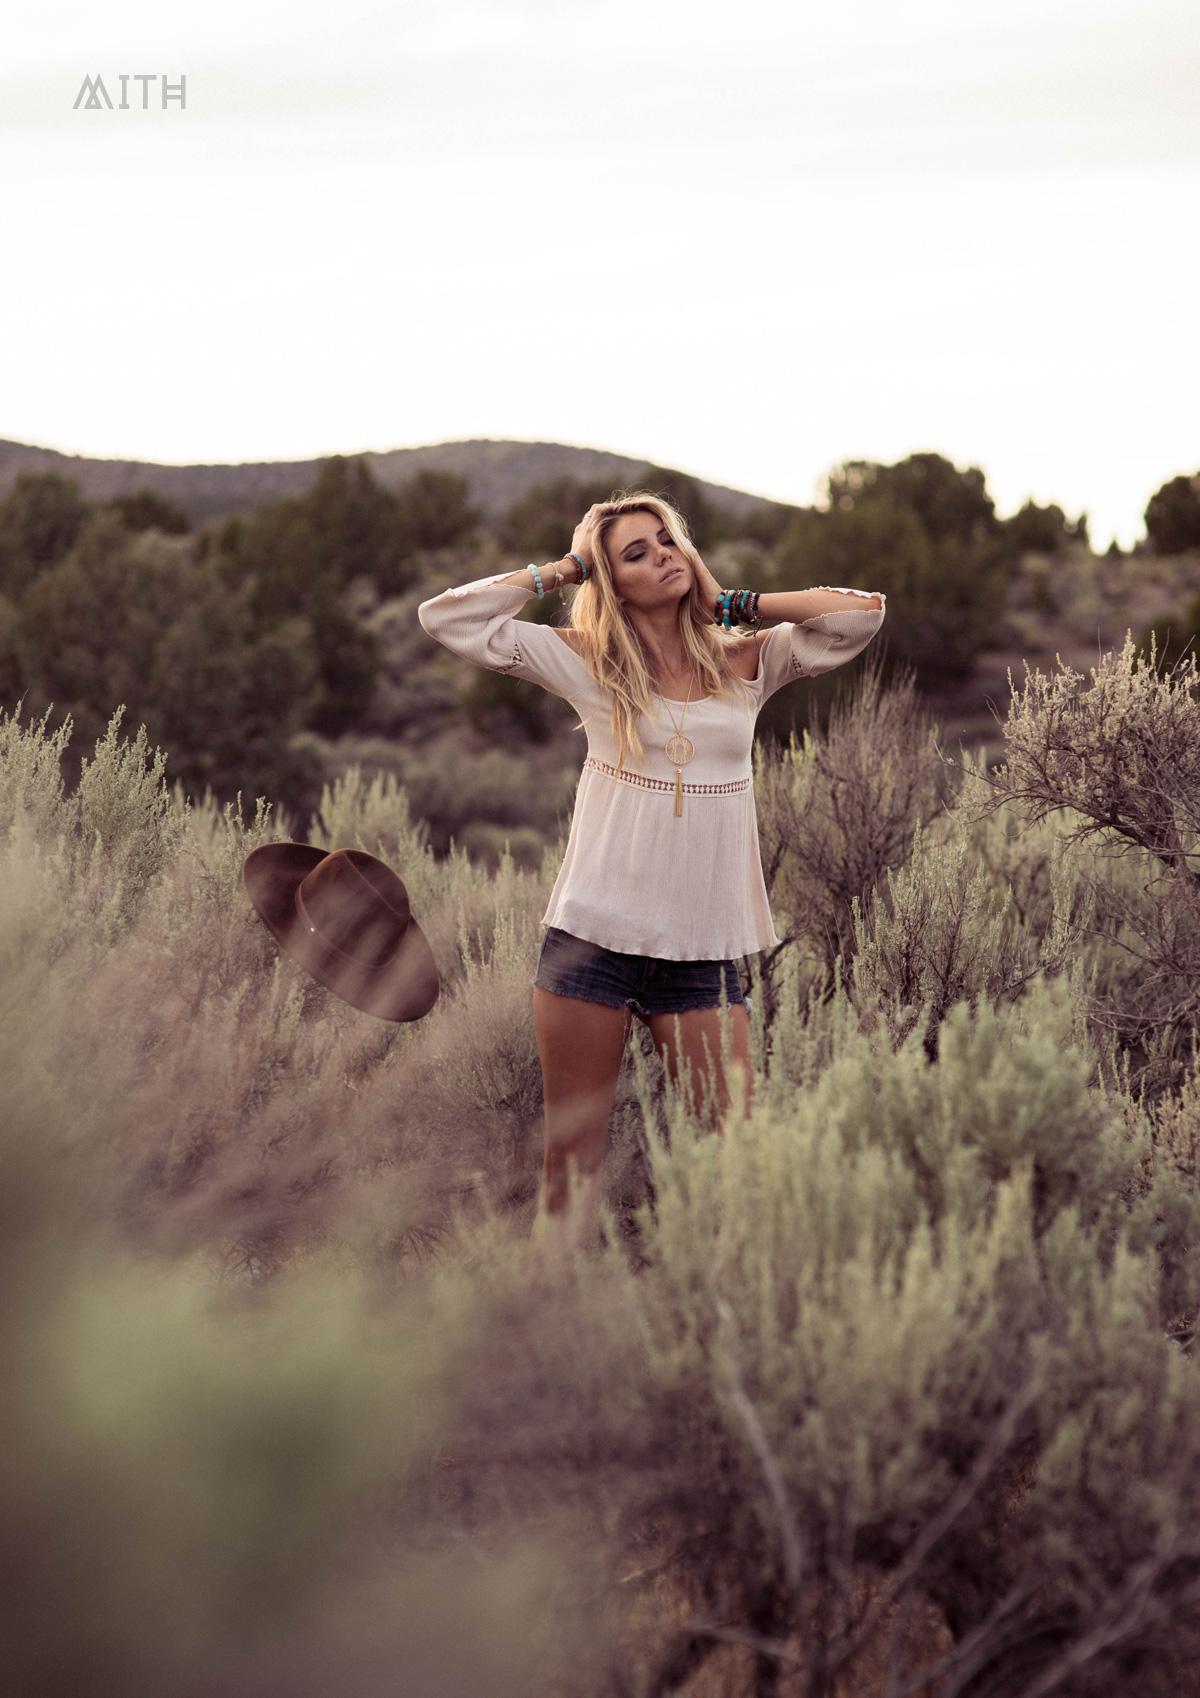 MITH - Janessa Gornichec @ CGM Models by Clayton Gornichec